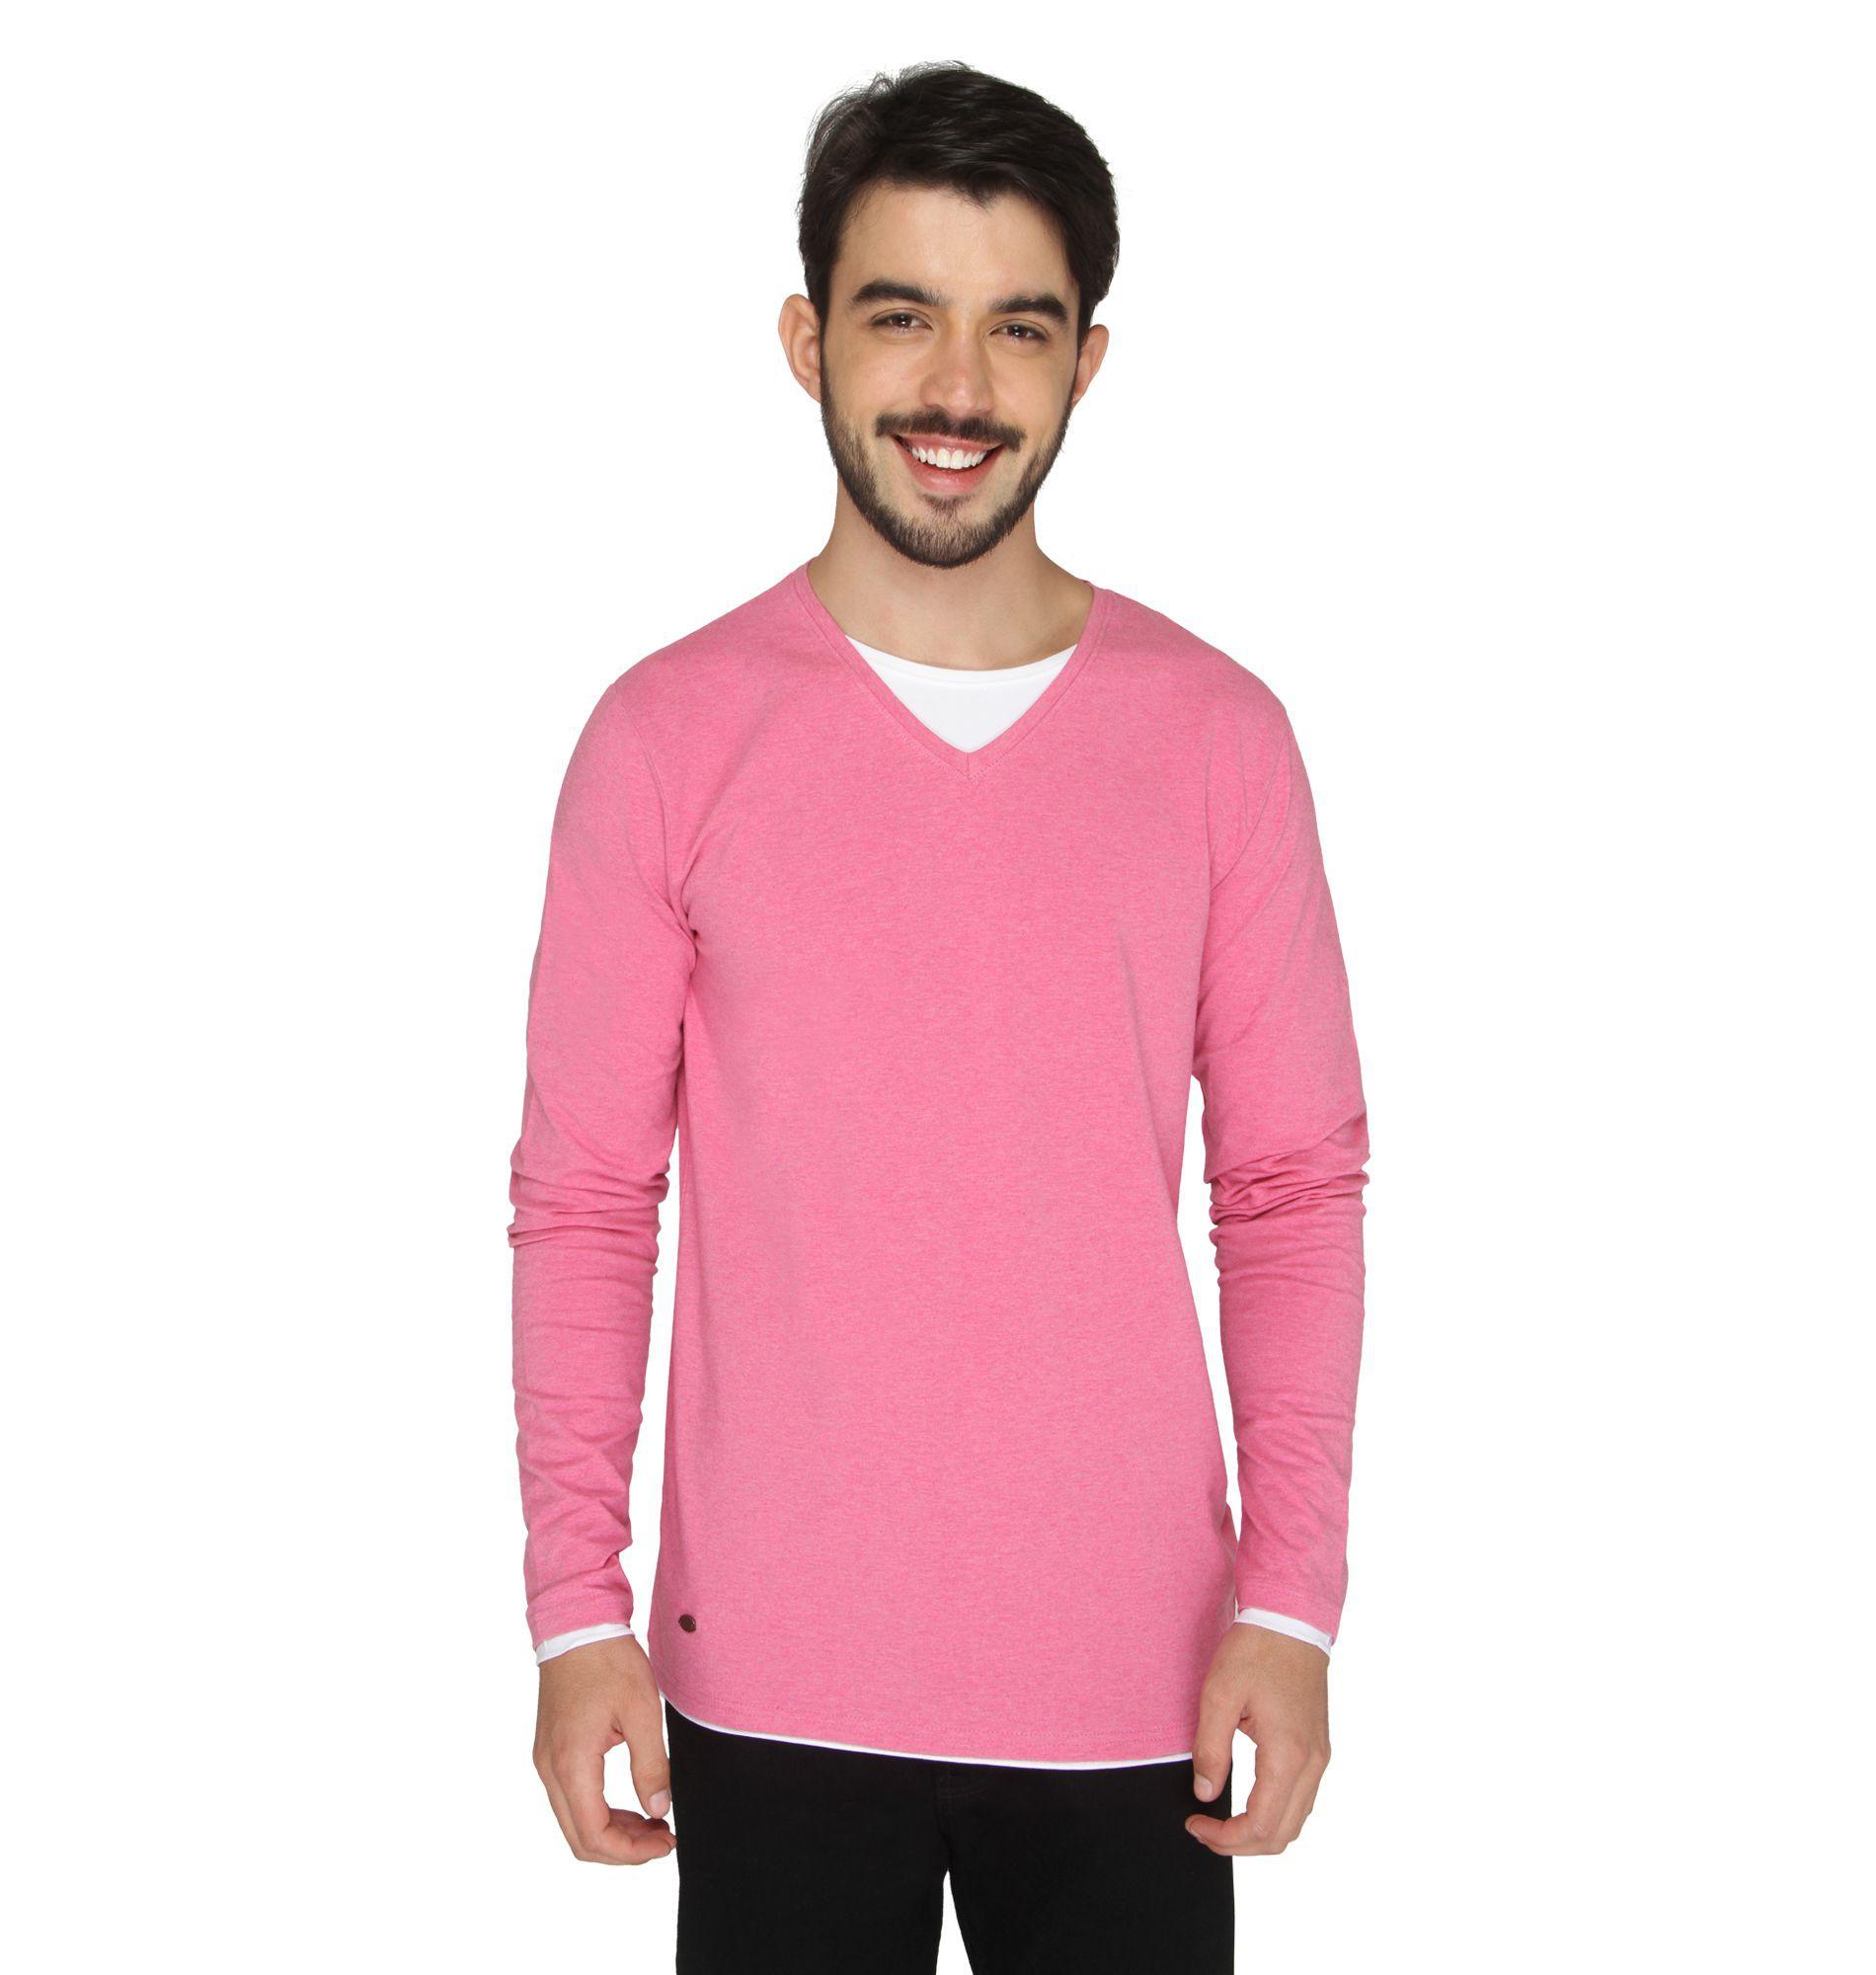 Drastic Pink V-Neck T-Shirt